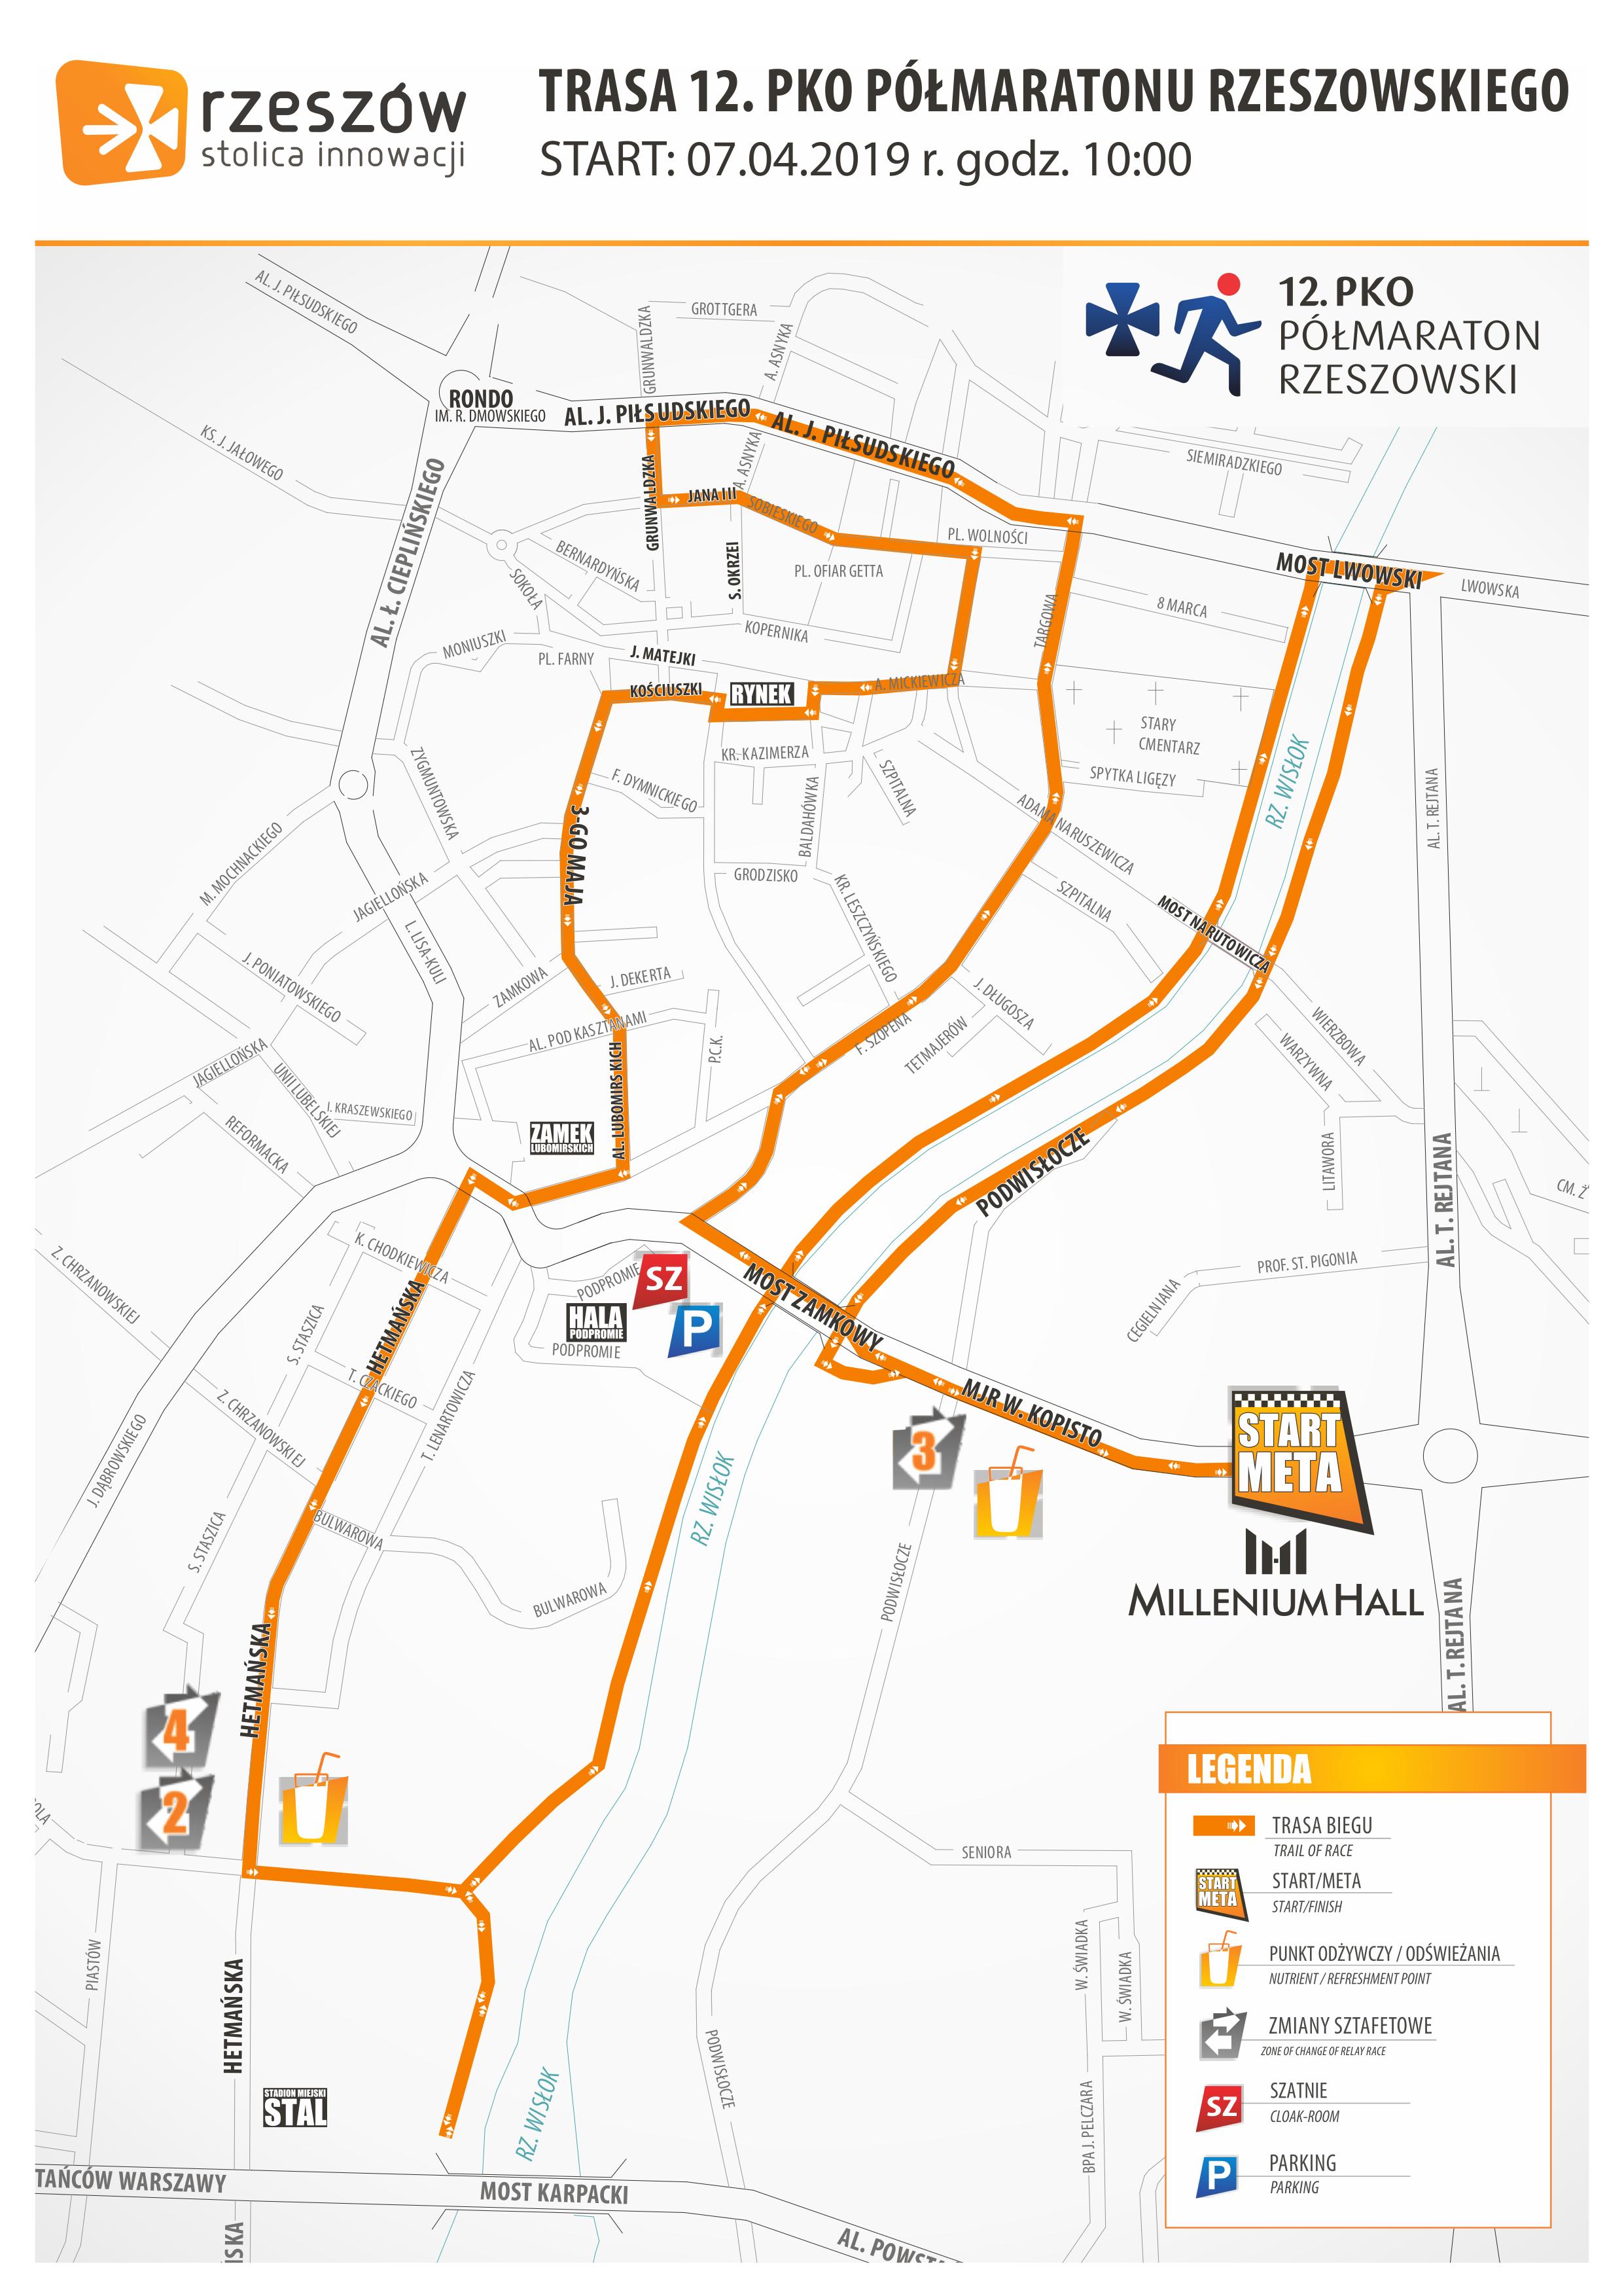 trasa 12 półmaratonu rzeszowskiego